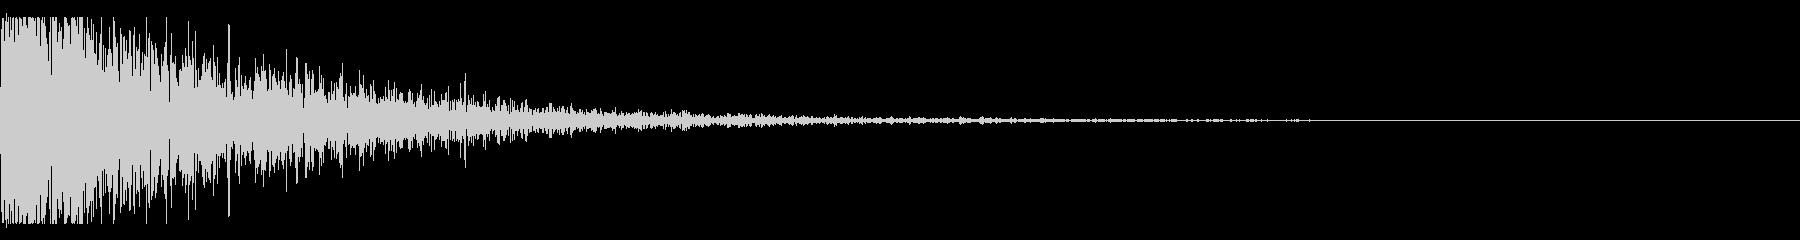 メタル・ヒット、残響、ホラーの未再生の波形